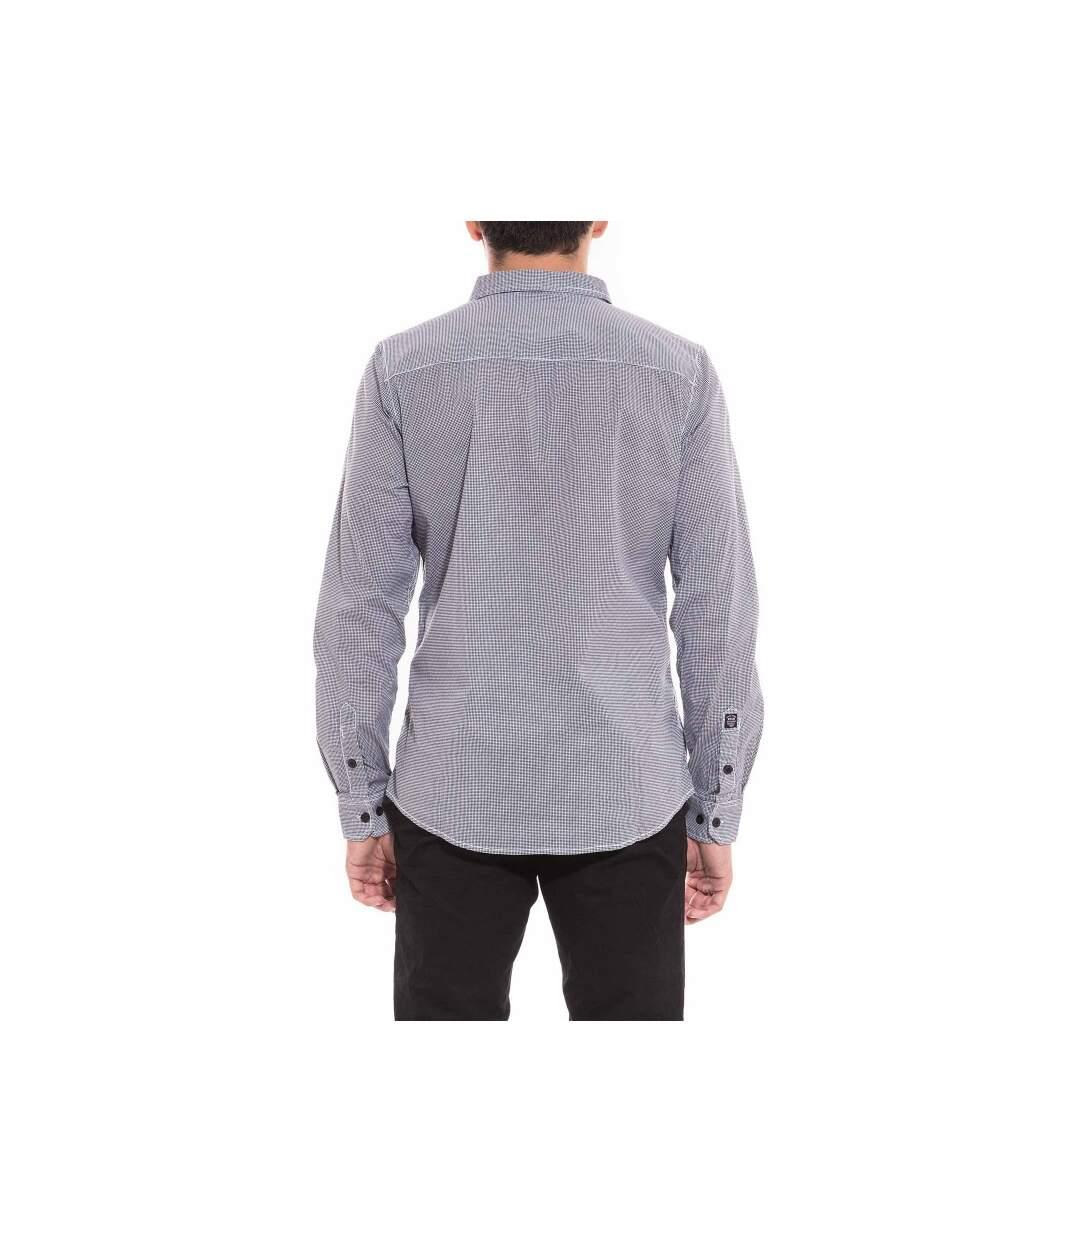 Chemise manches longues carreaux TENOBI - RITCHIE